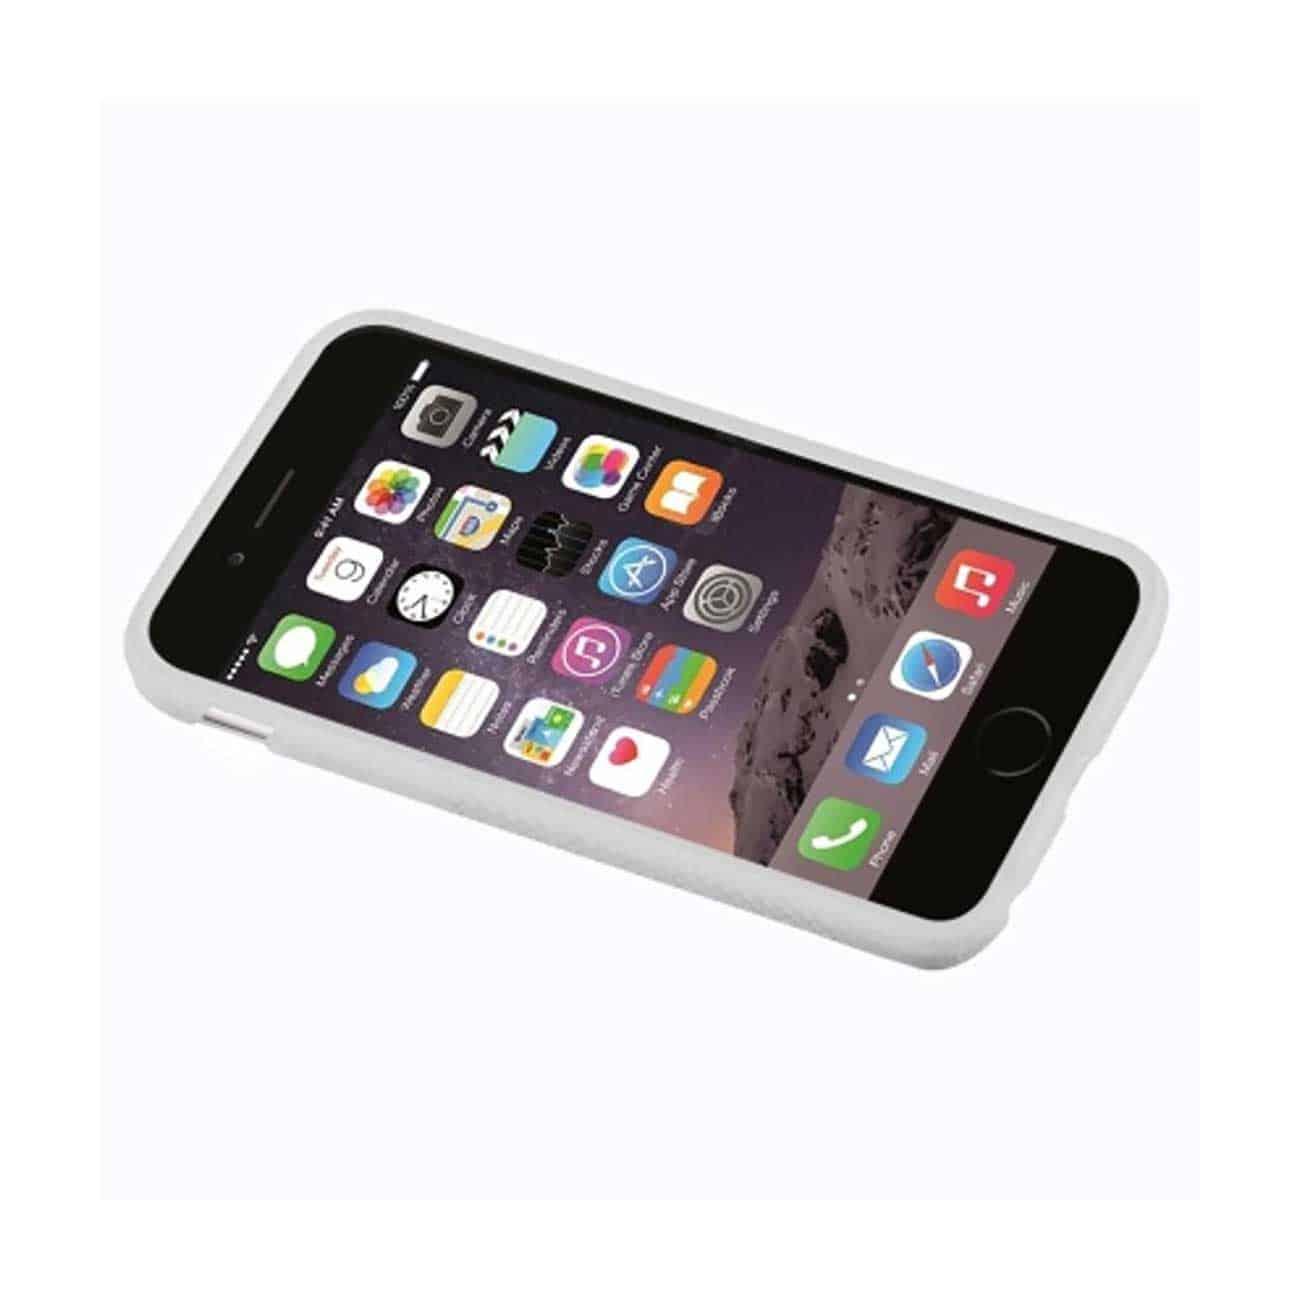 IPHONE 6 TPU RIDGES GEL CASE IN WHITE